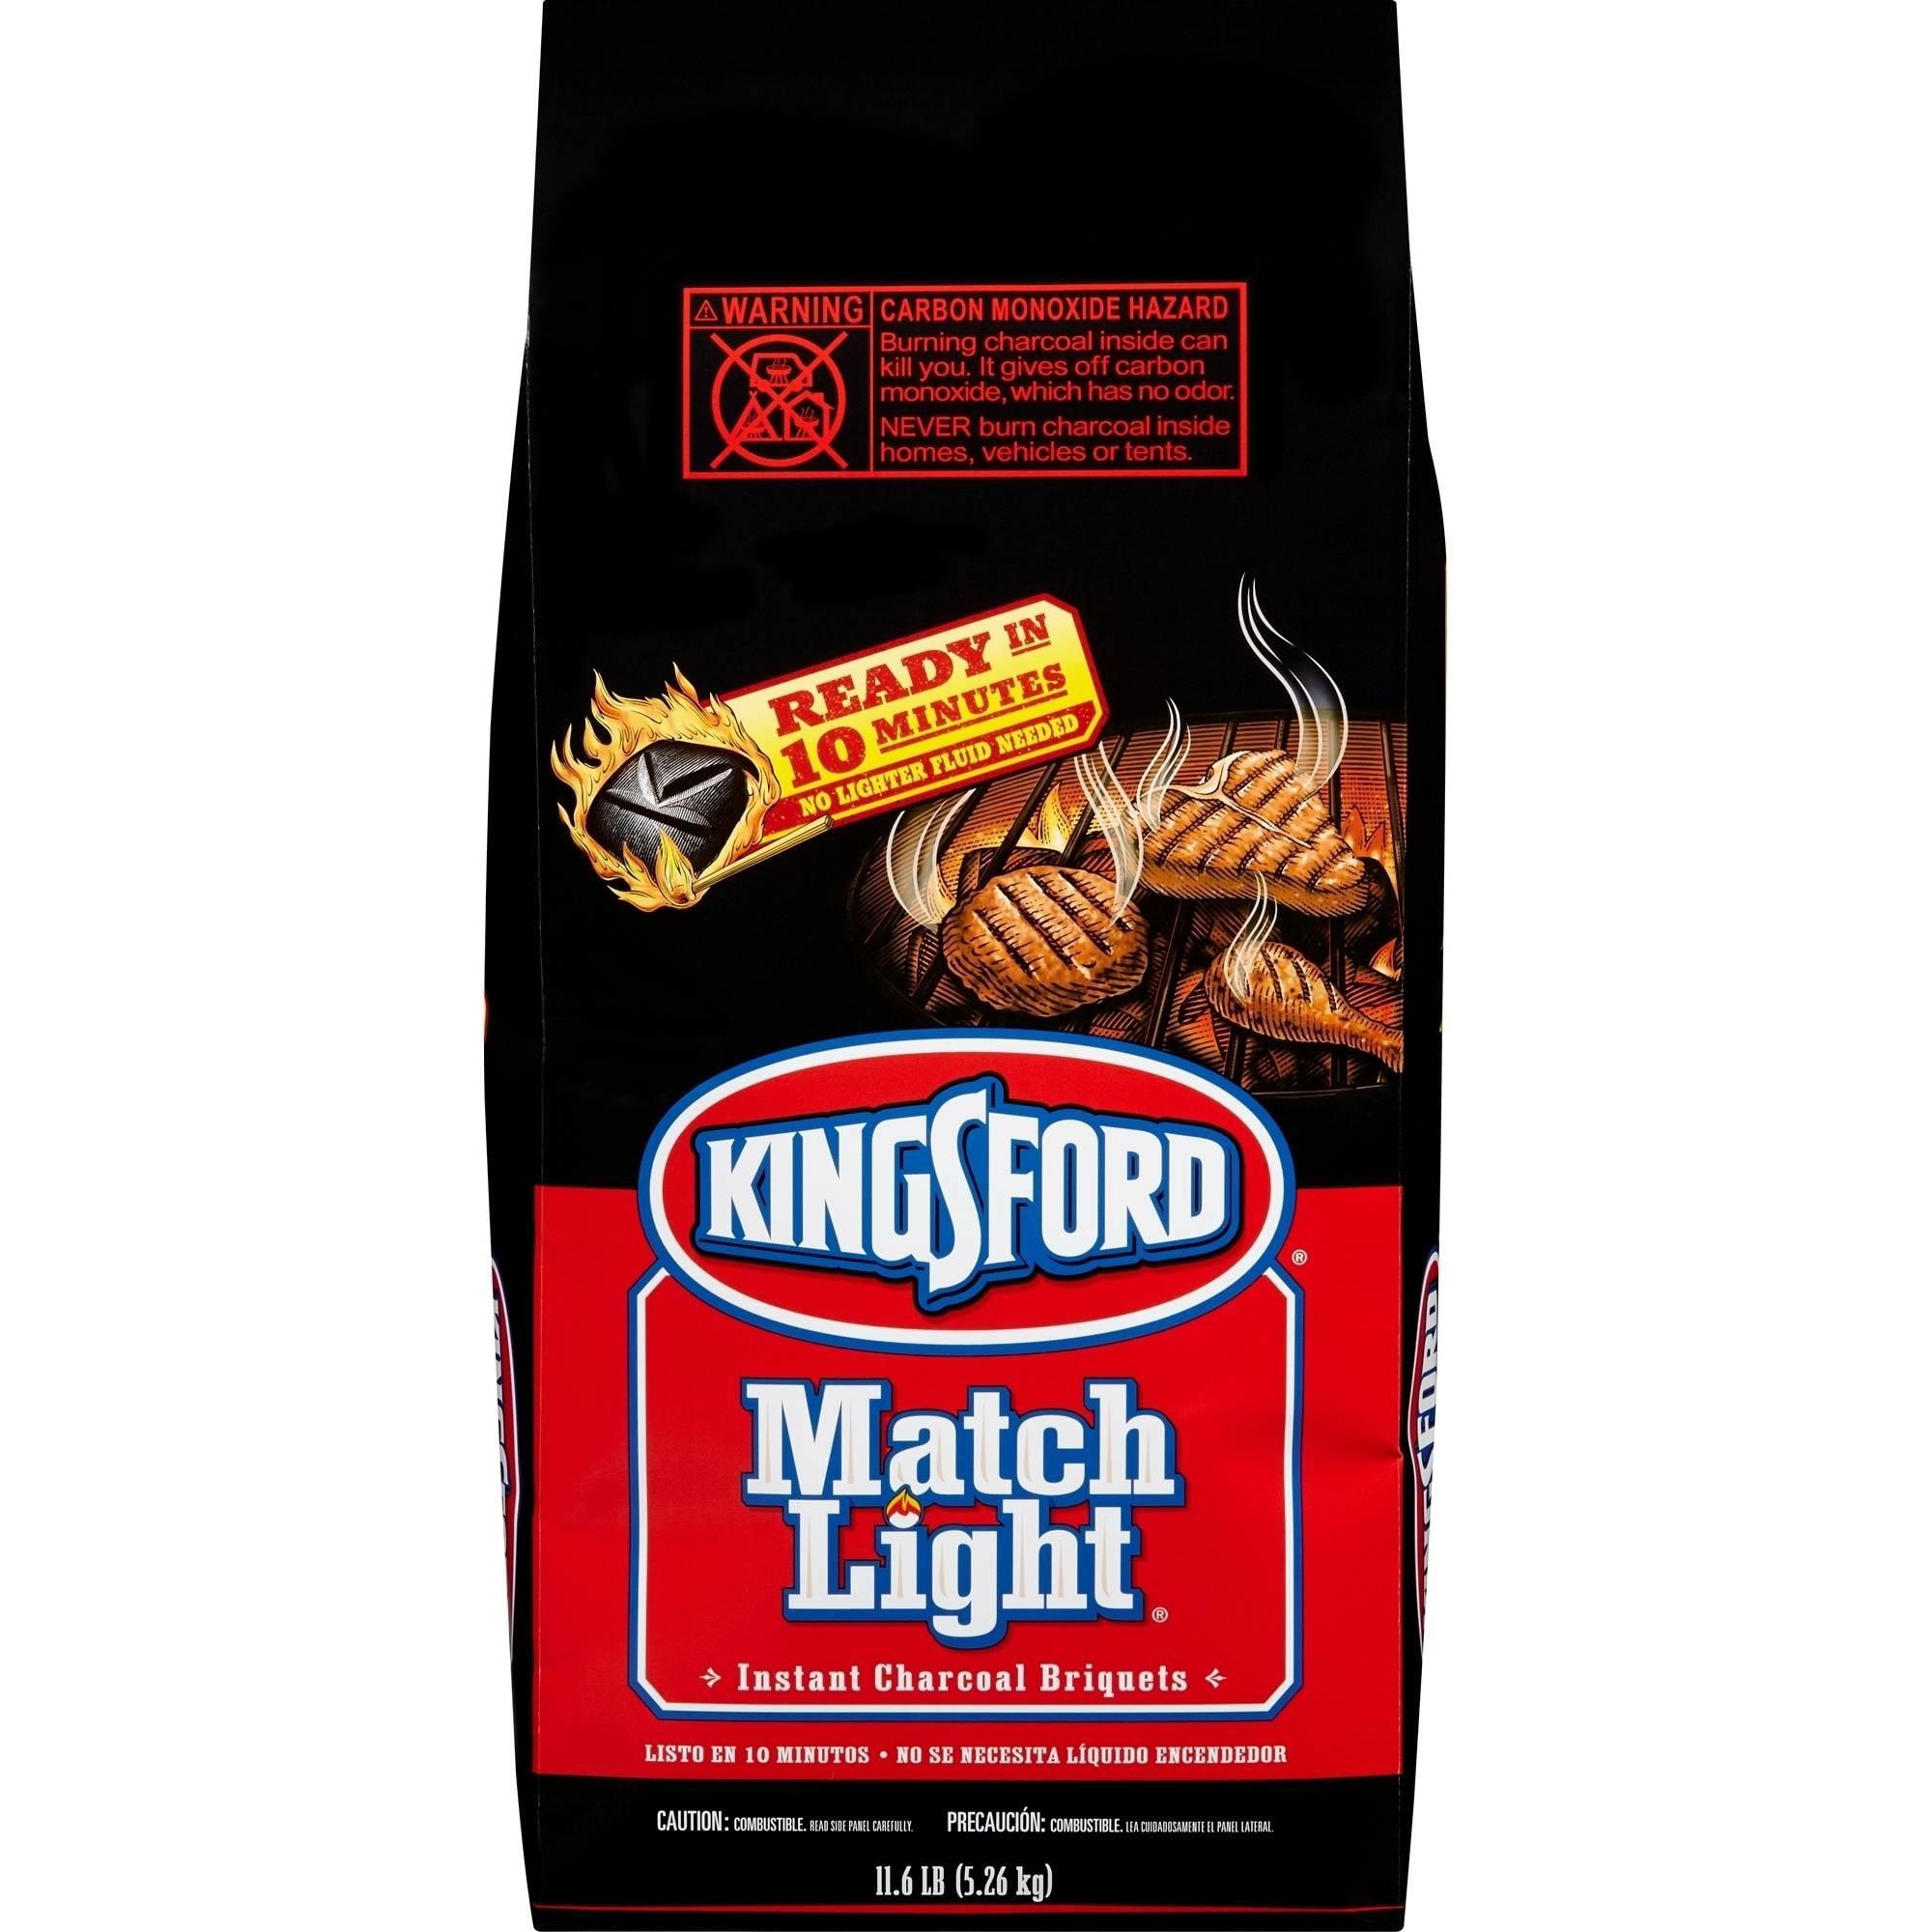 Kingsford Match Light Charcoal Briquets, 11.6 lb Bag